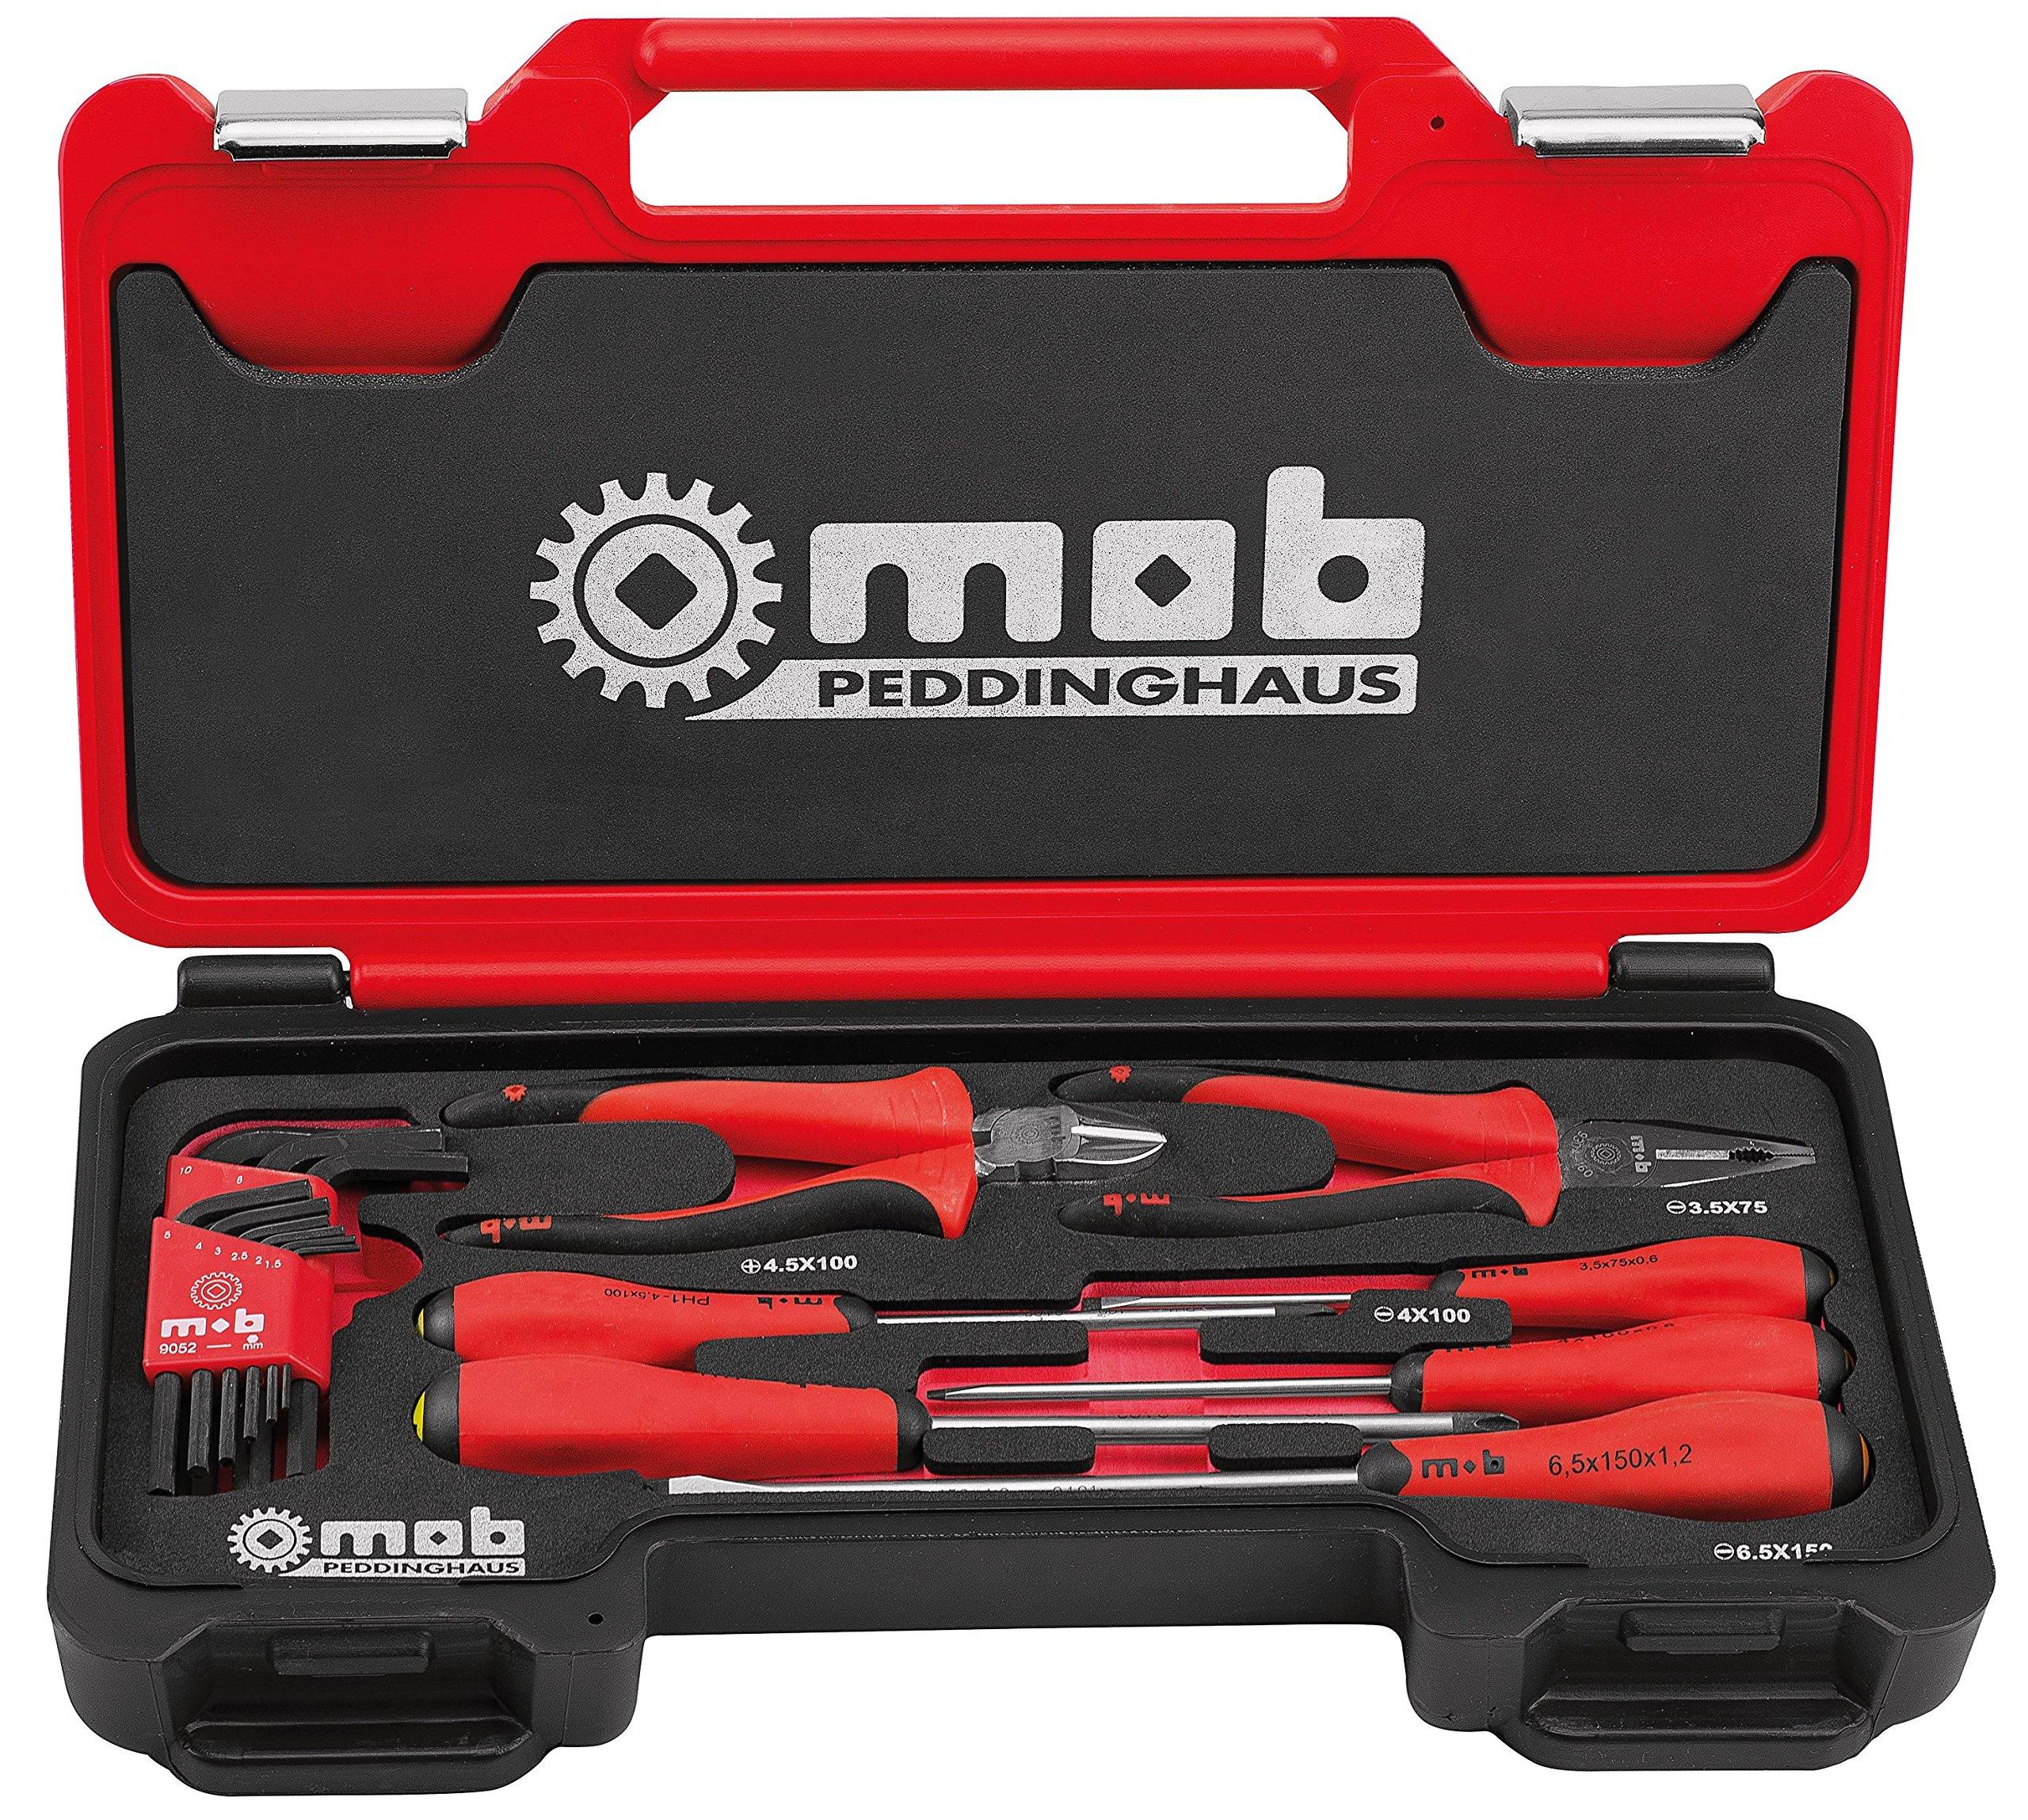 MOB Outillage 9436016001 – Estuche de destornilladores con pinzas, 8 piezas: Amazon.es: Bricolaje y herramientas